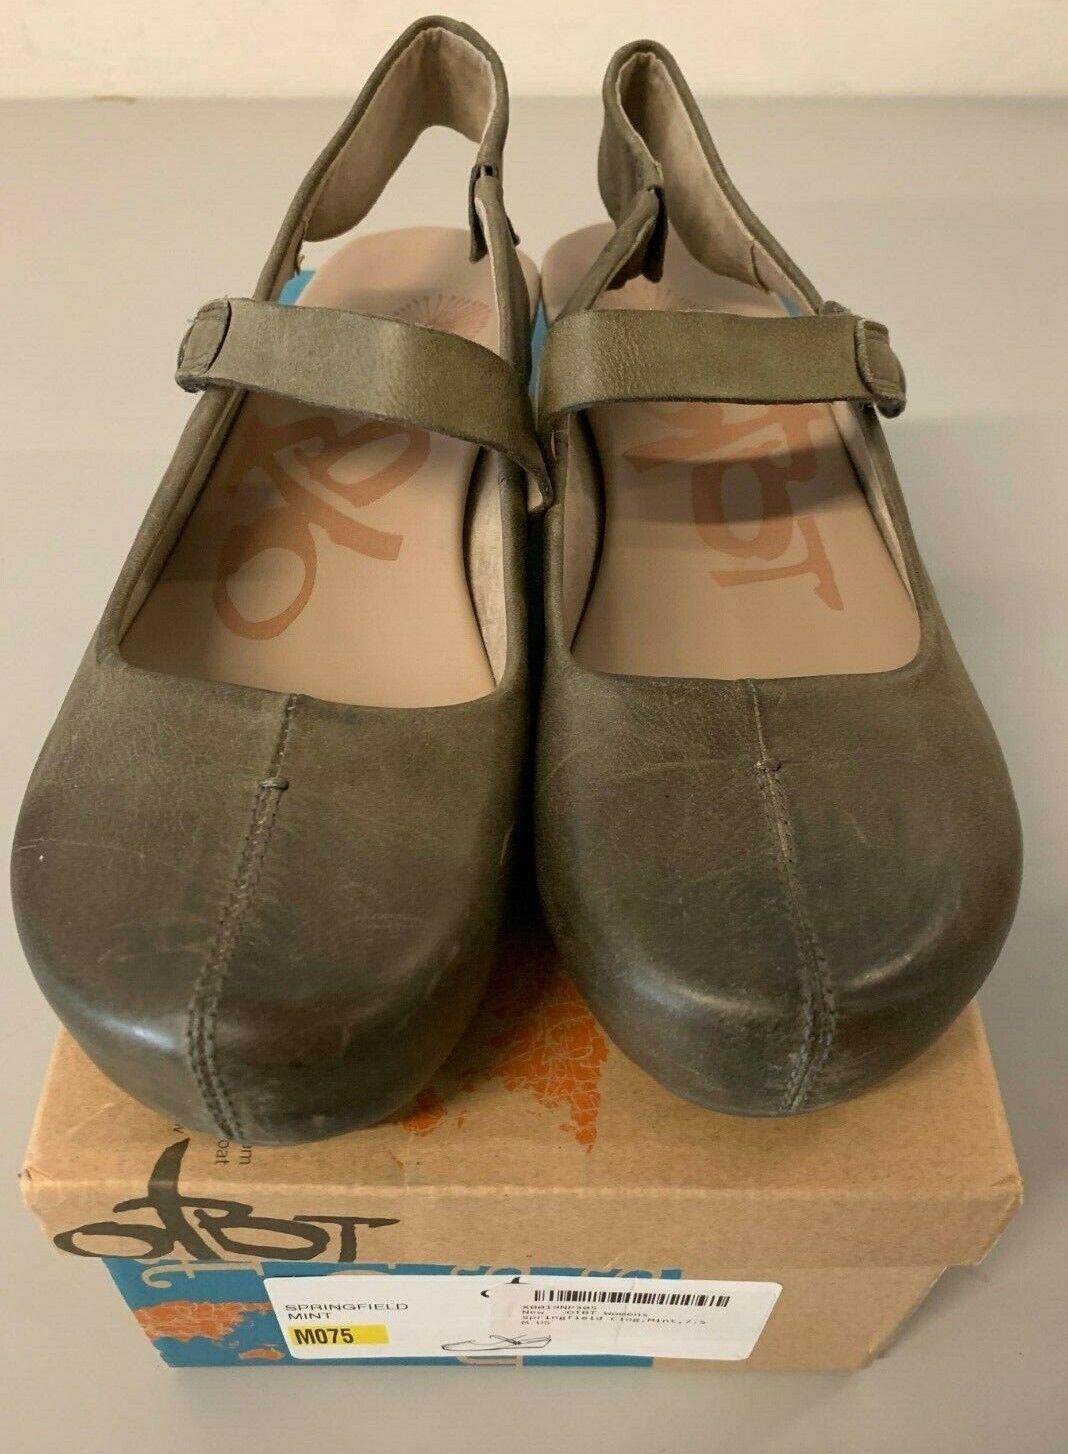 Usato delicatamente OTBT Springfield Wedge Sandals  Dimensione 7.5  grande vendita